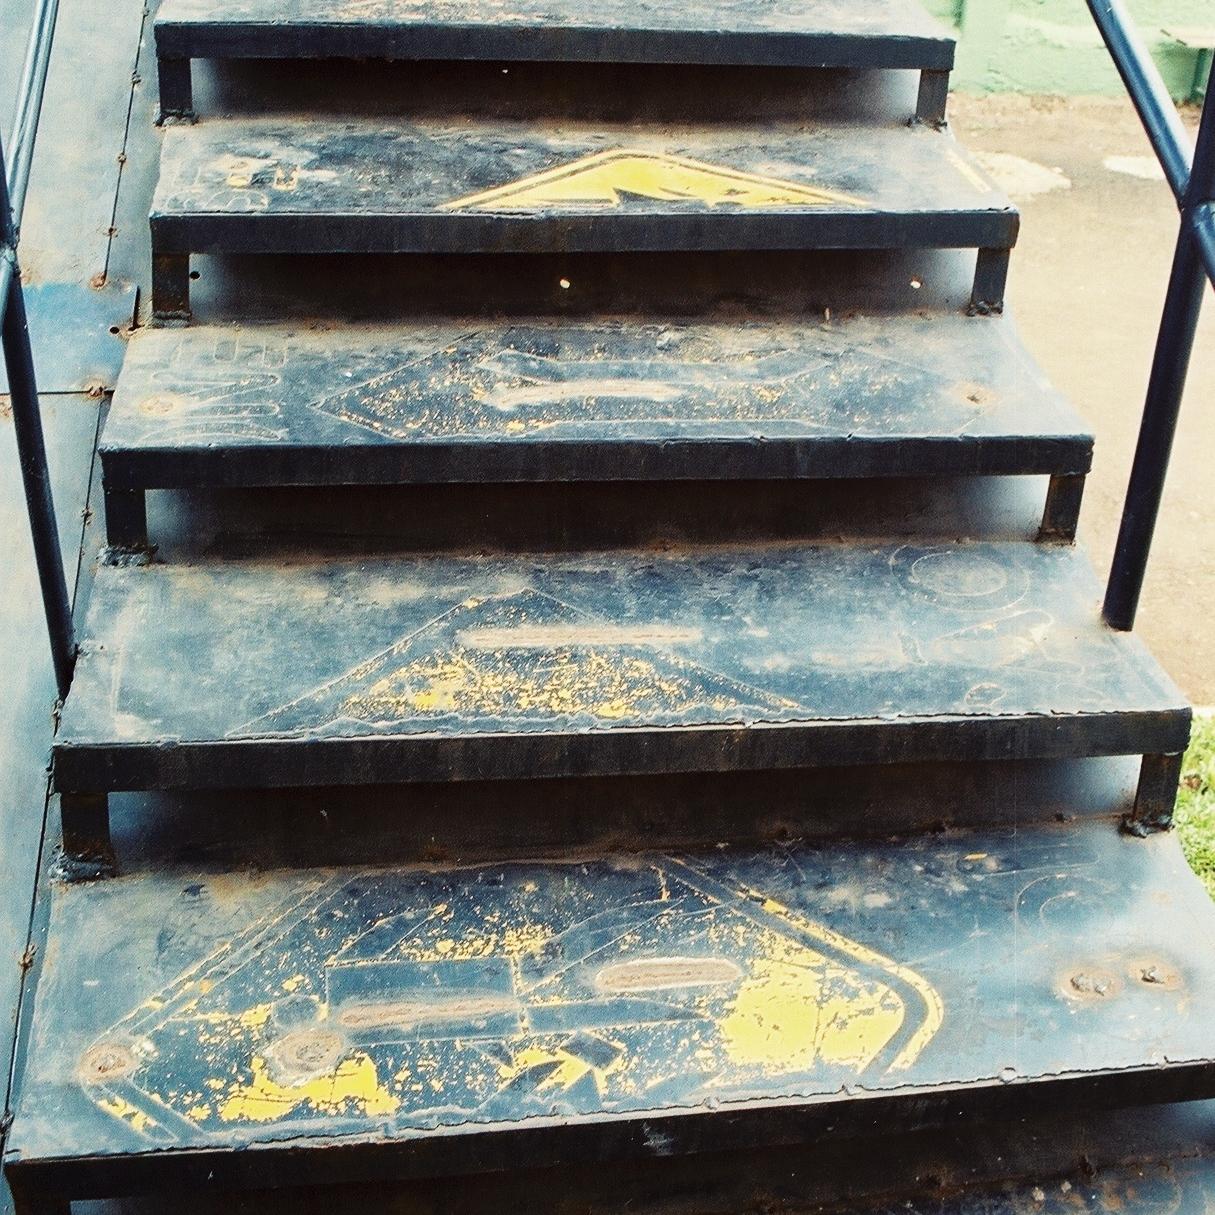 Lo que una vez sirvió como letrero ahora es parte de una escalera. Foto: Pamy Rojas